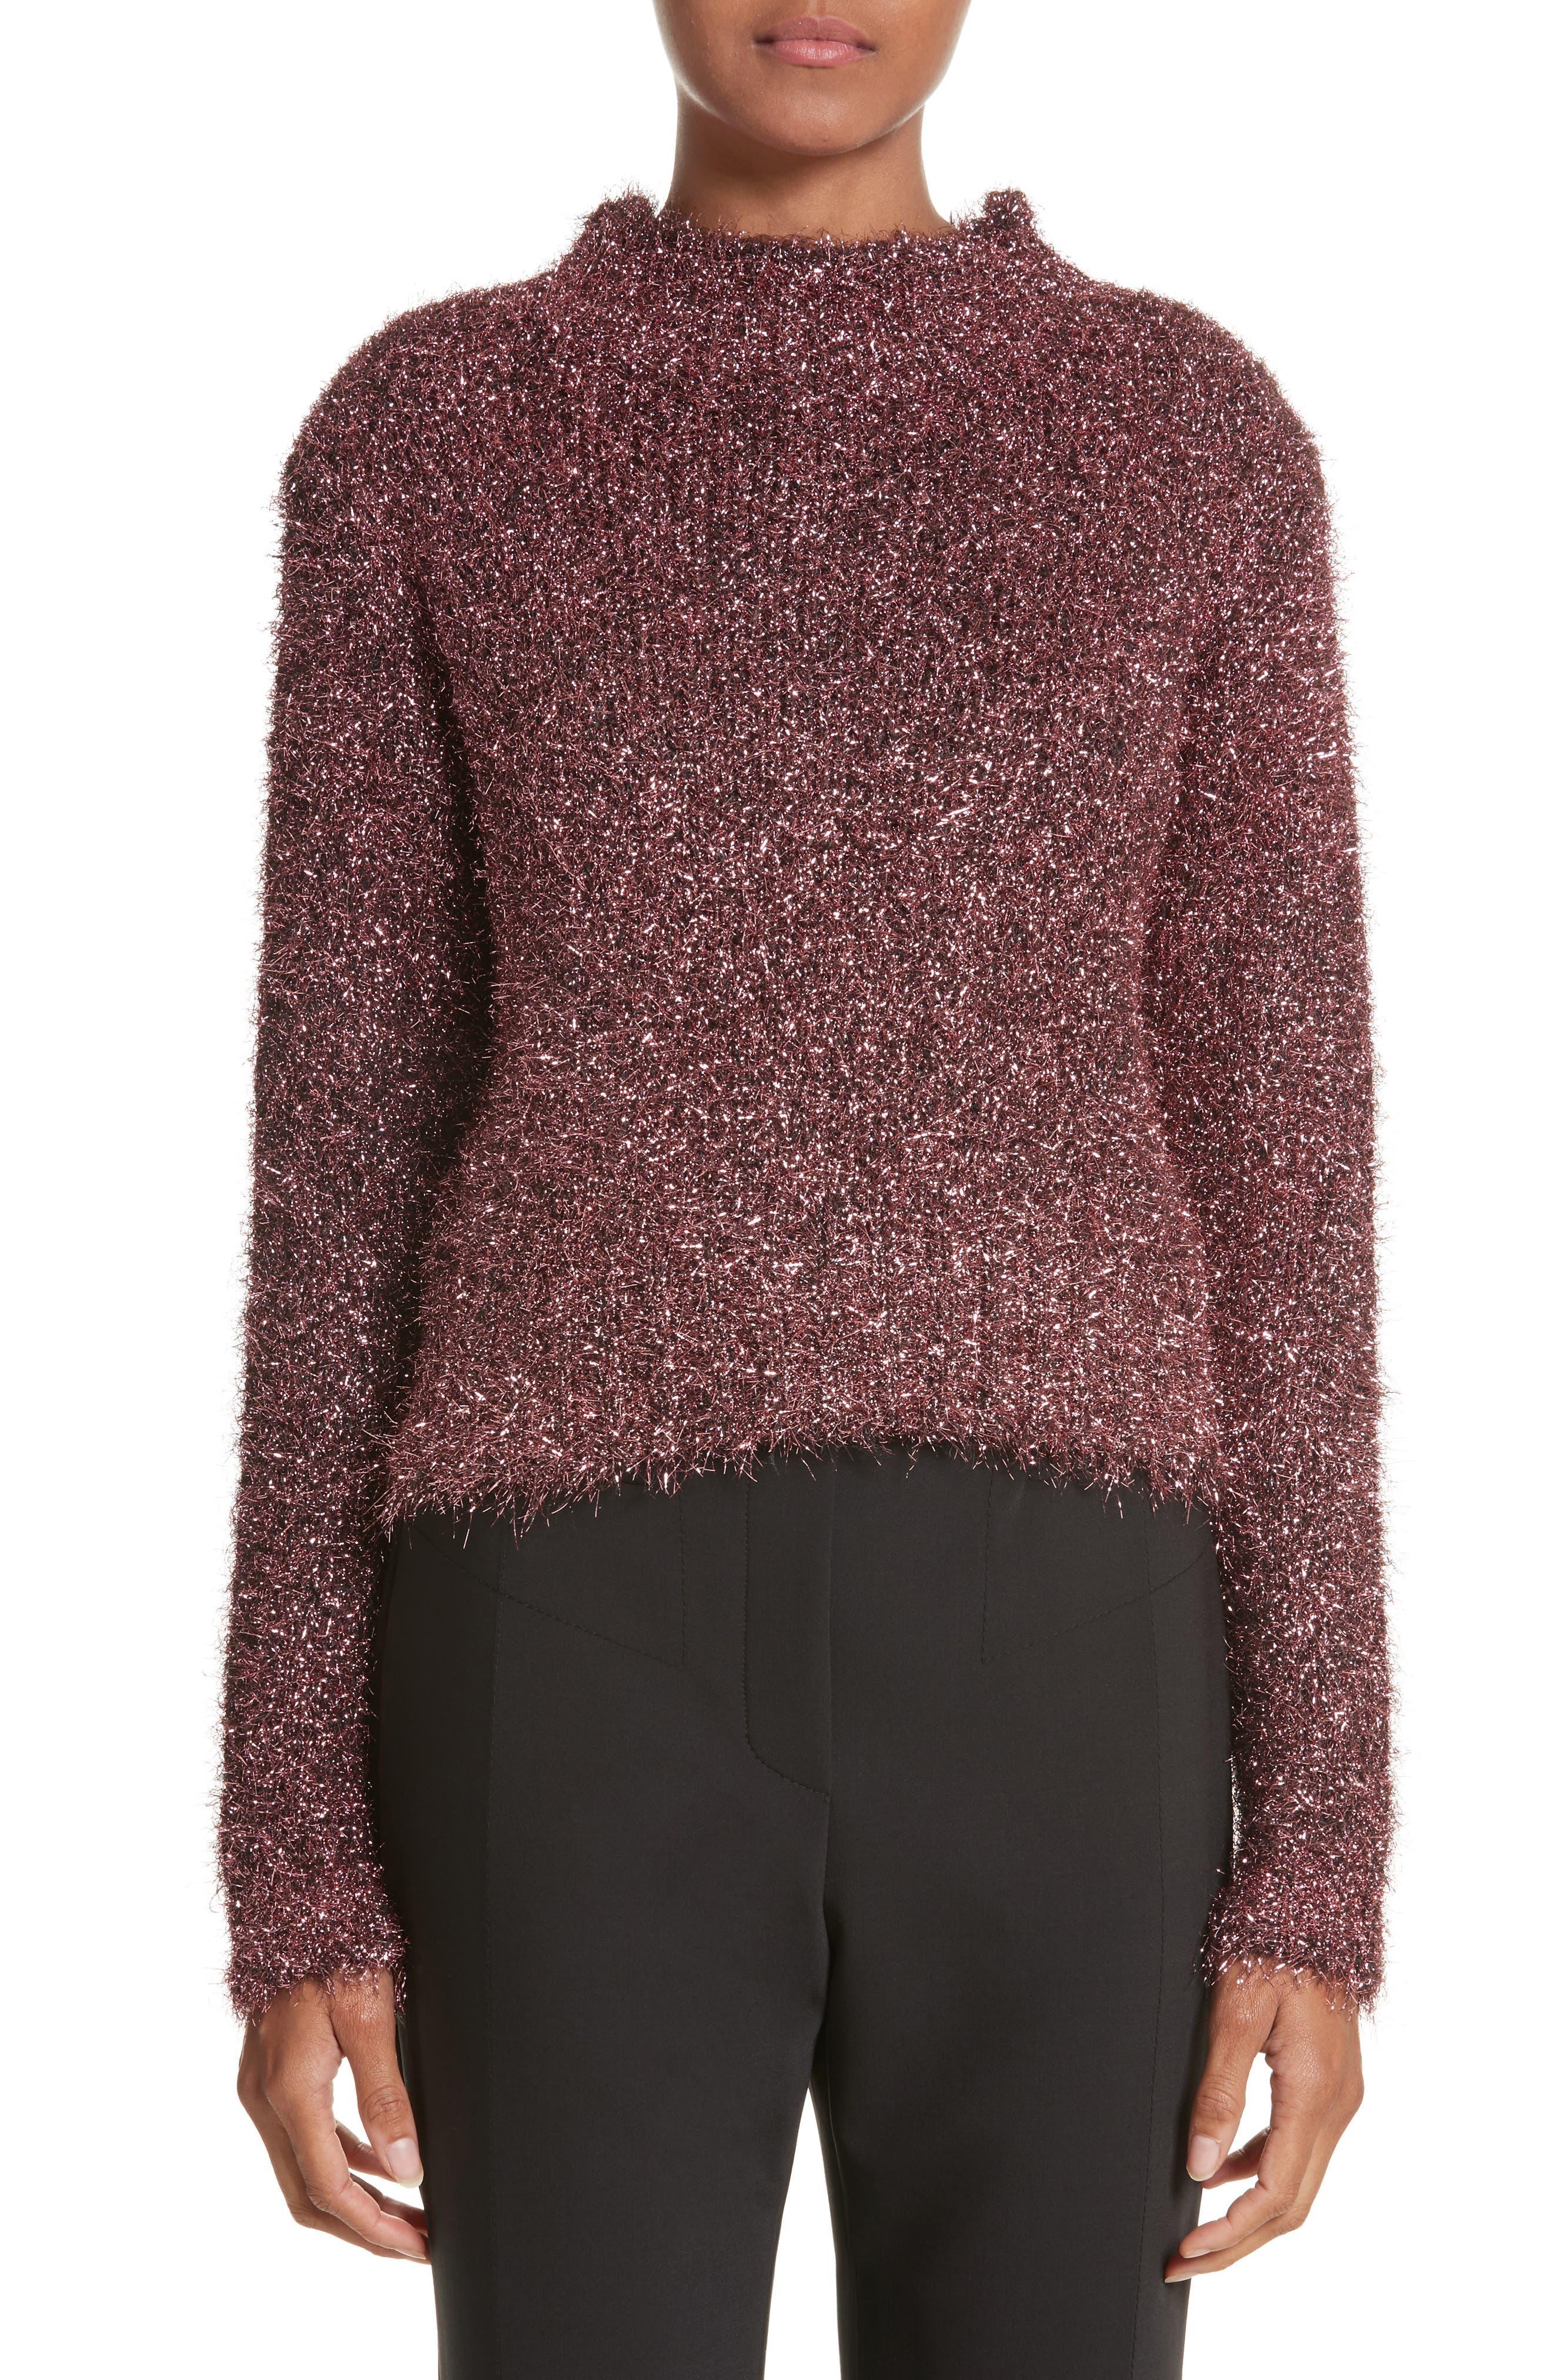 Vaporize Textured Metallic Sweater,                         Main,                         color, Pink